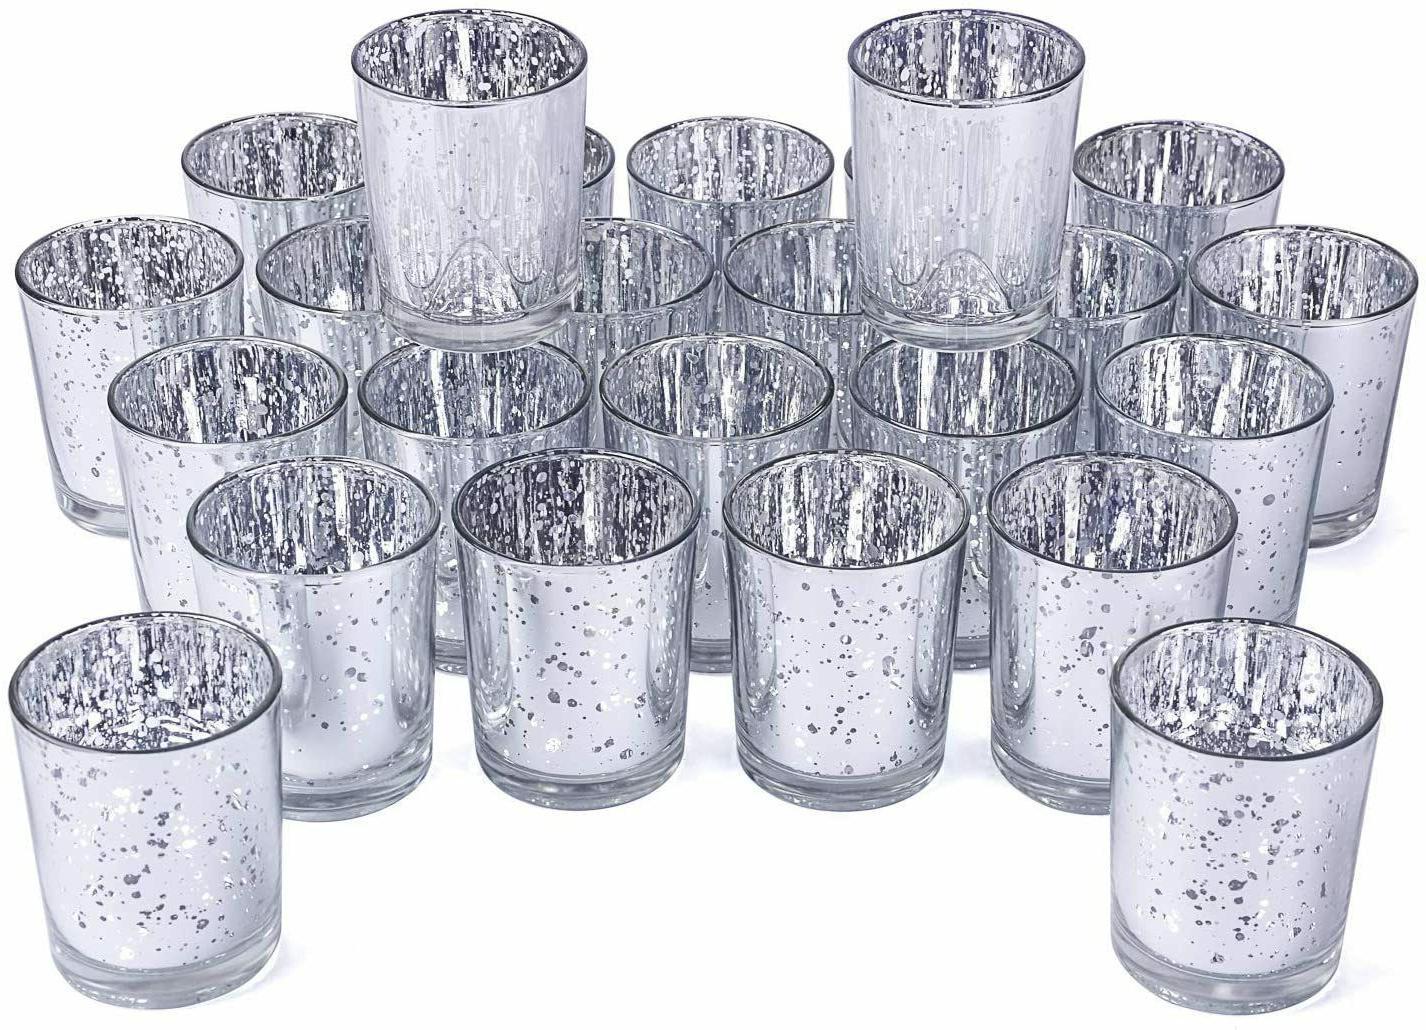 Votive Holder Set Speckled Glass Tealight Candle Hol